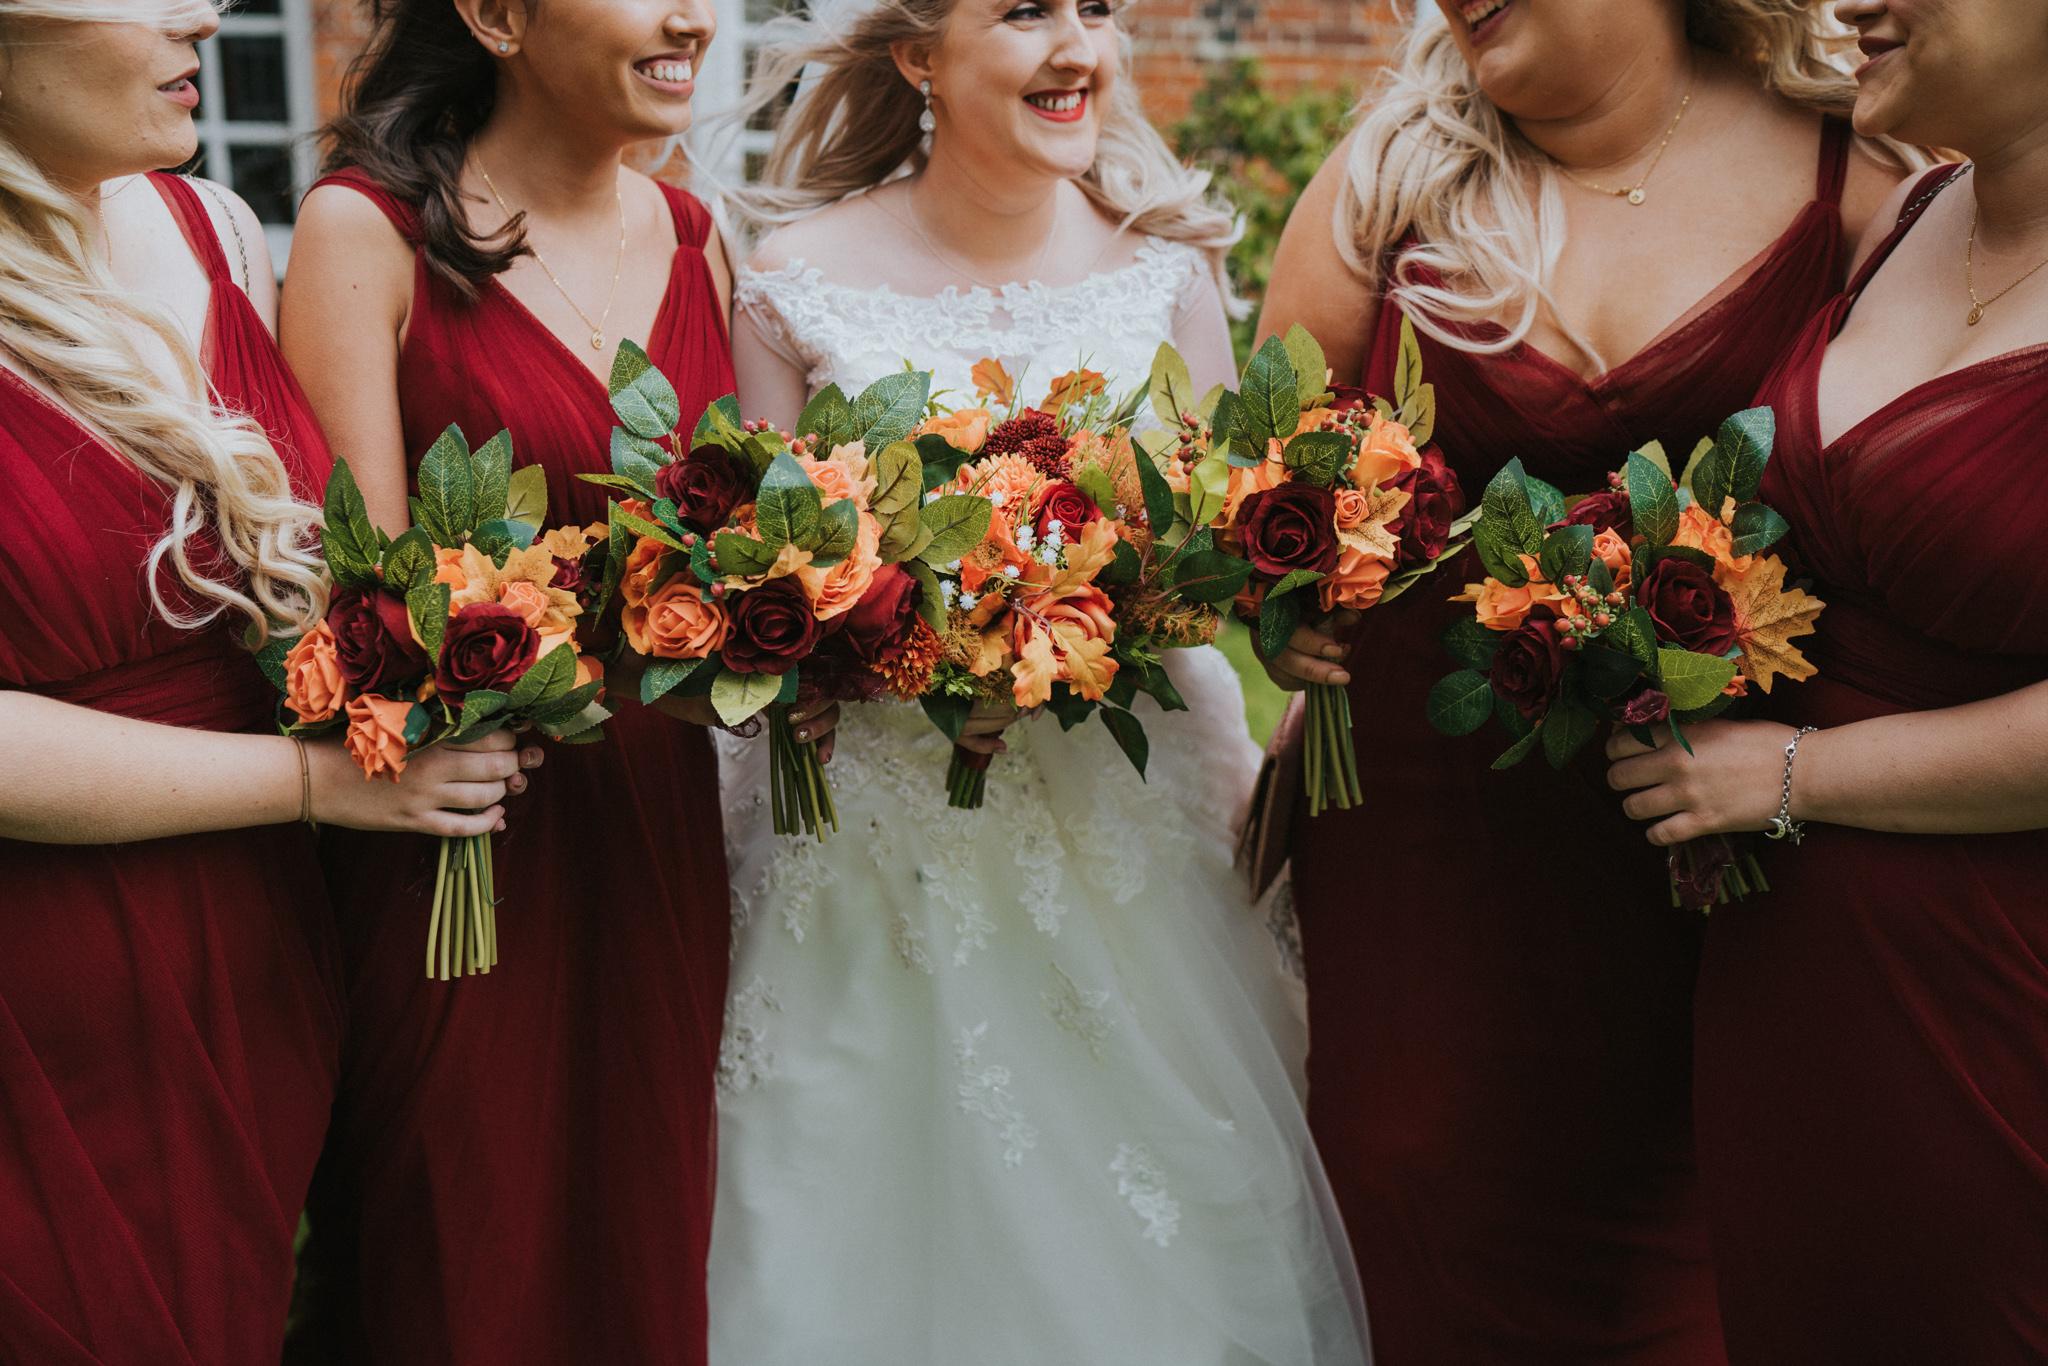 chara-neil-gosfield-hall-wedding-grace-elizabeth-colchester-essex-alternative-wedding-photographer-essex-devon-suffolk-norfolk (44 of 50).jpg